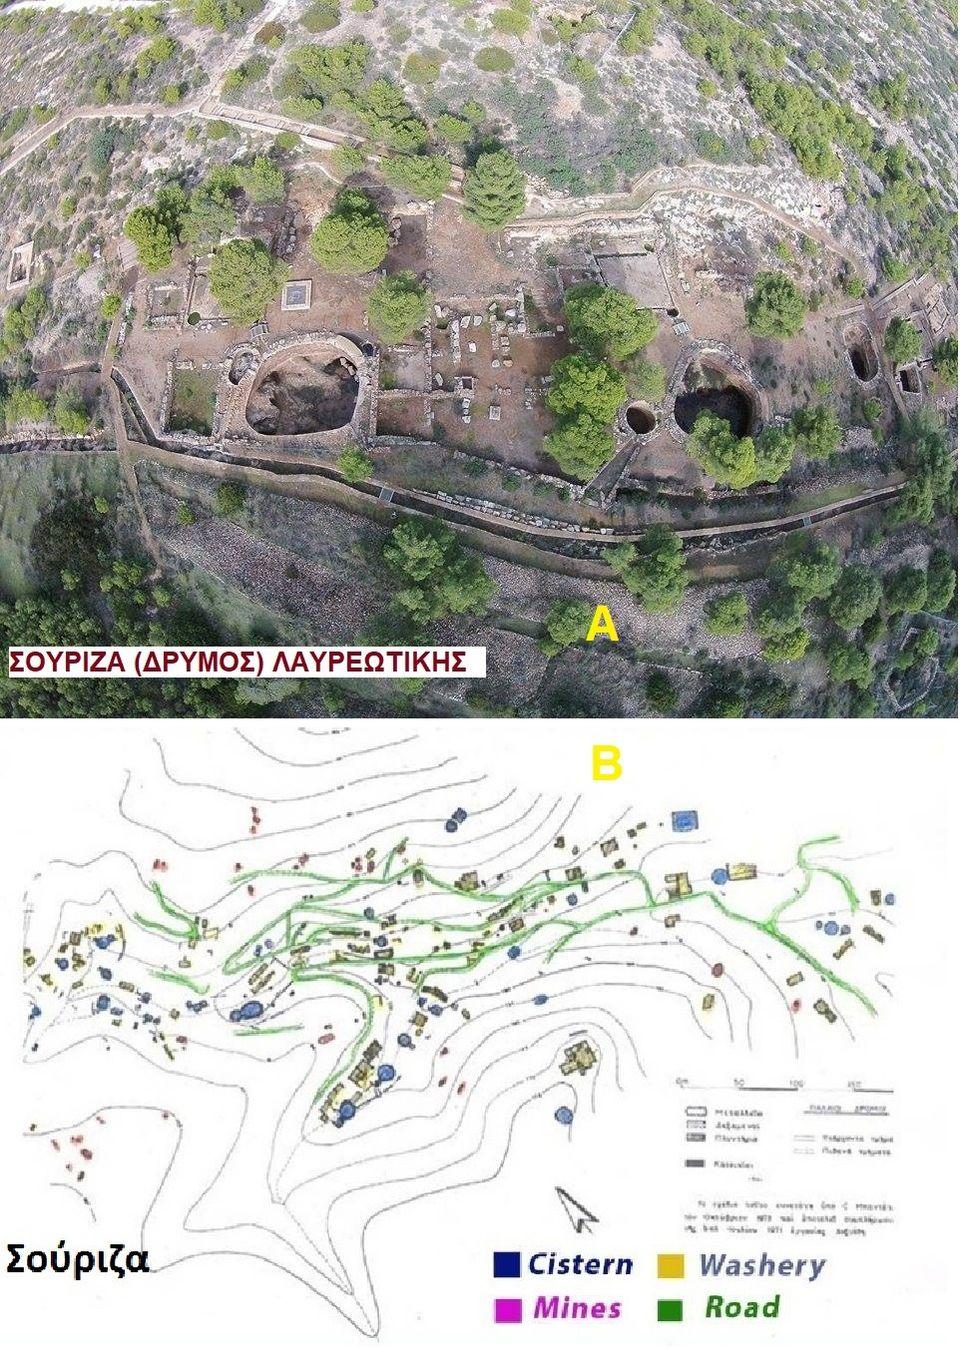 """Εικ.1. A.Ο αρχαιολογικός χώρος κοιλάδας  Σούριζας (Δρυμού) η λεγόμενη  """"ανασκαφή Ε. Κακαβογιάννη"""". Β. Αποτύπωση των εγκαταστάσεων εμπλουτισμού μεταλλευμάτων και μεταλλείων της κοιλάδας της Σούριζας."""